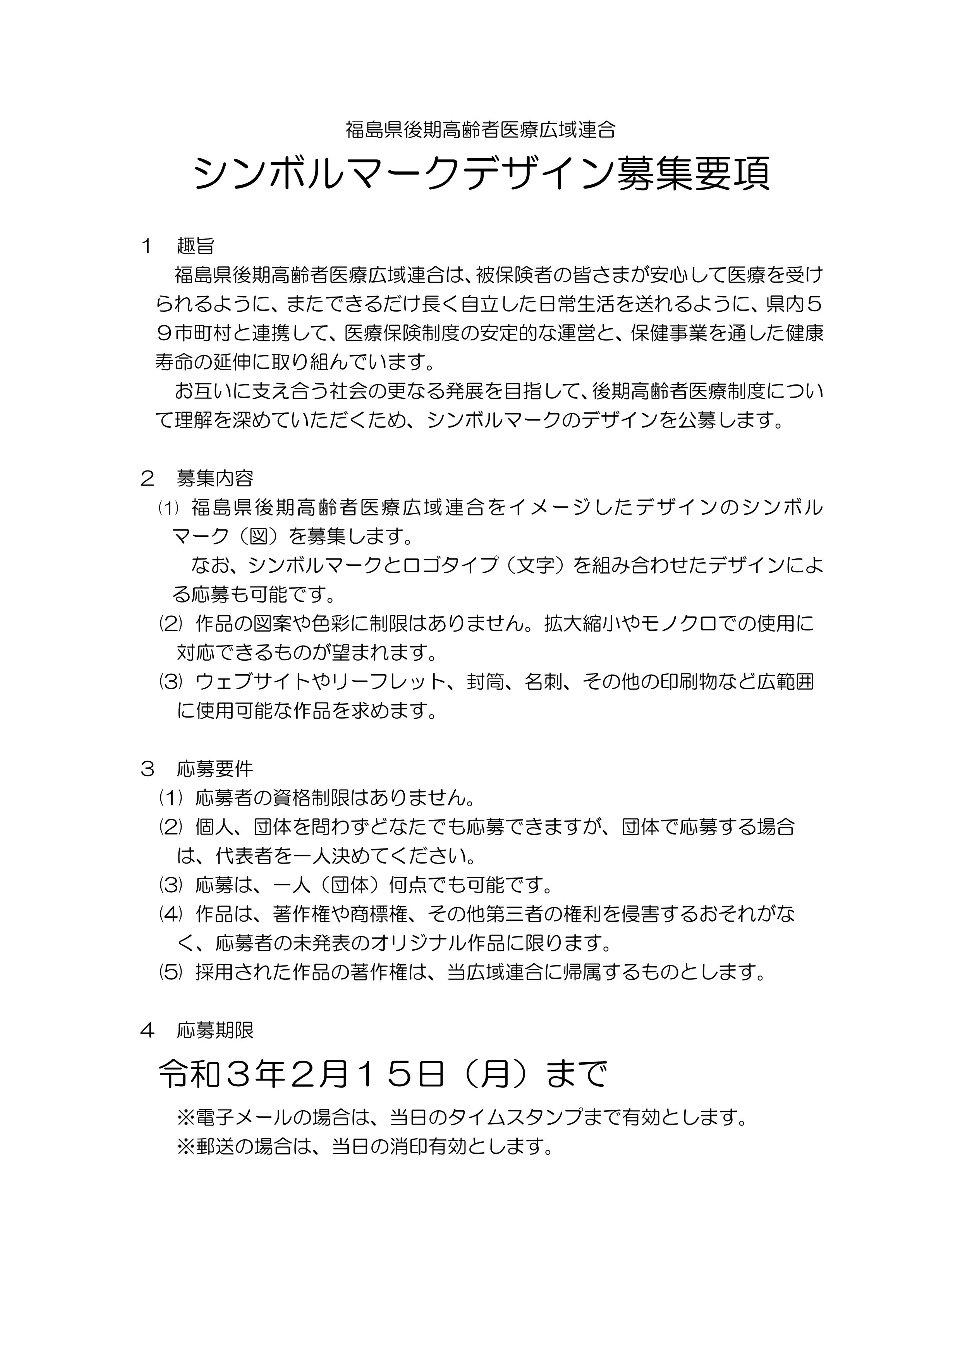 シンボルマークデザイン募集 - 福島県後期高齢者医療広域連合